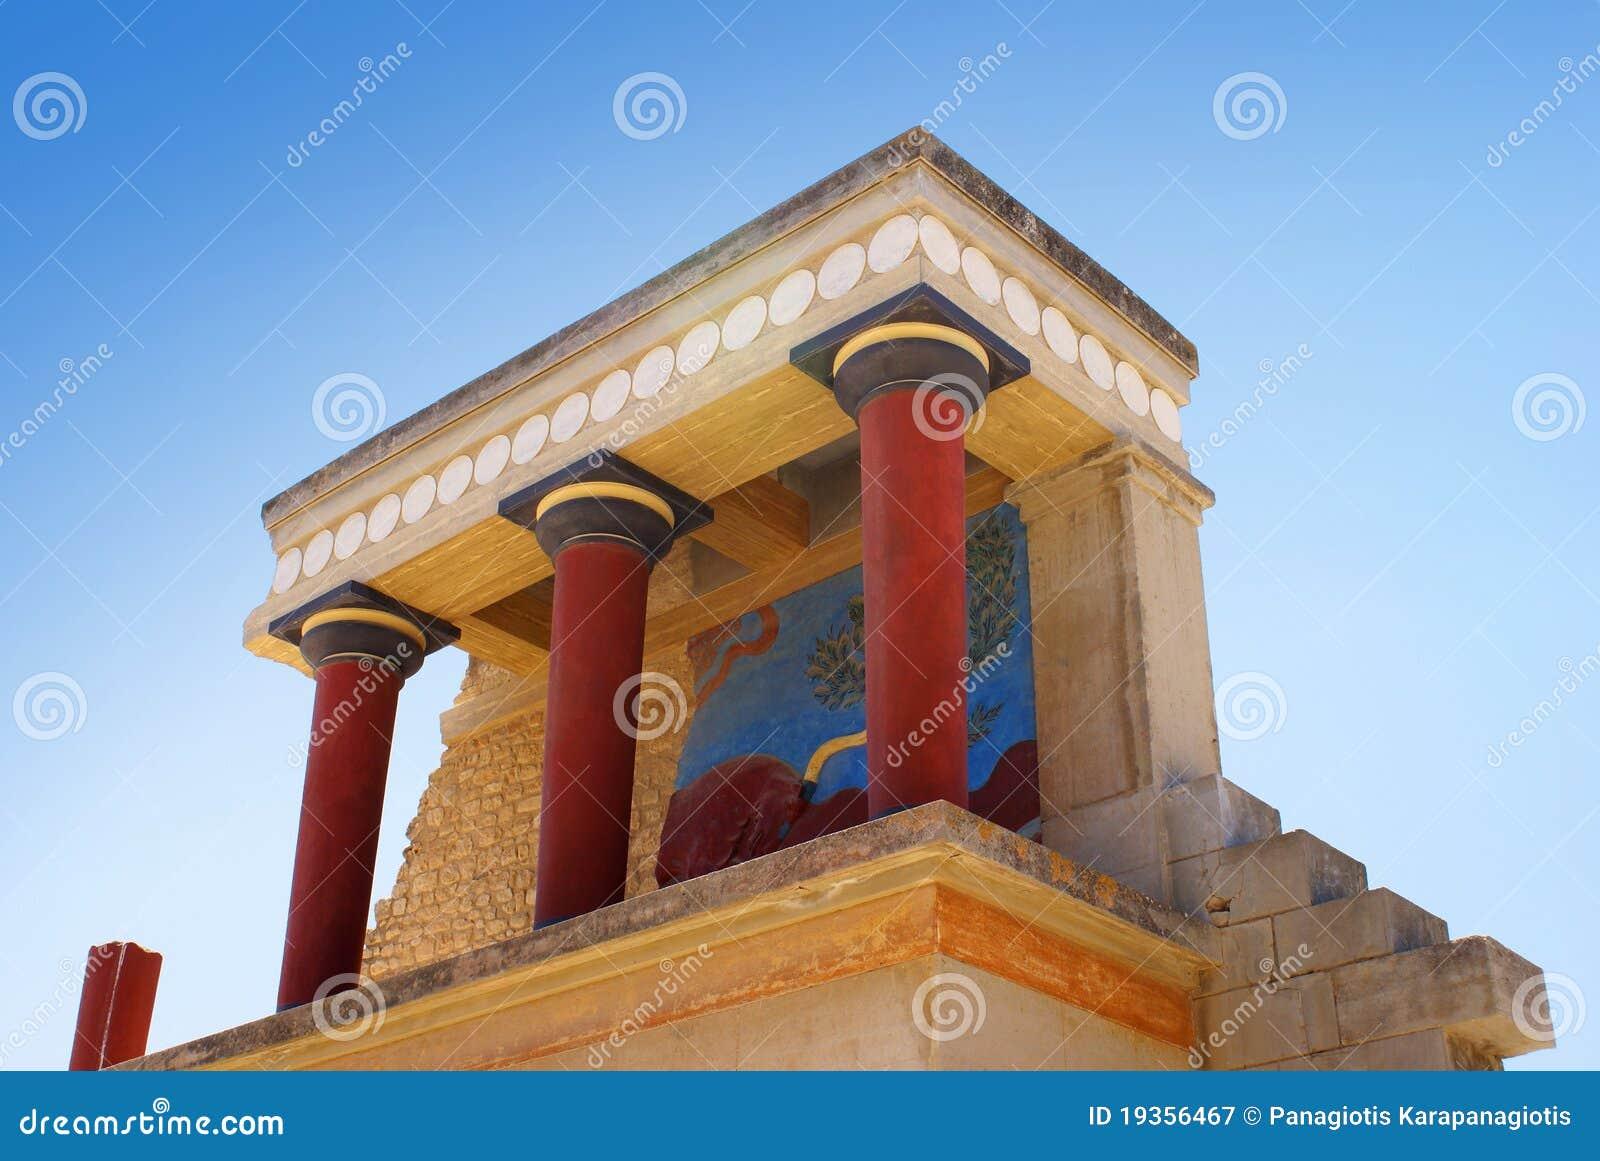 Palácio de Knossos em Crete, Greece